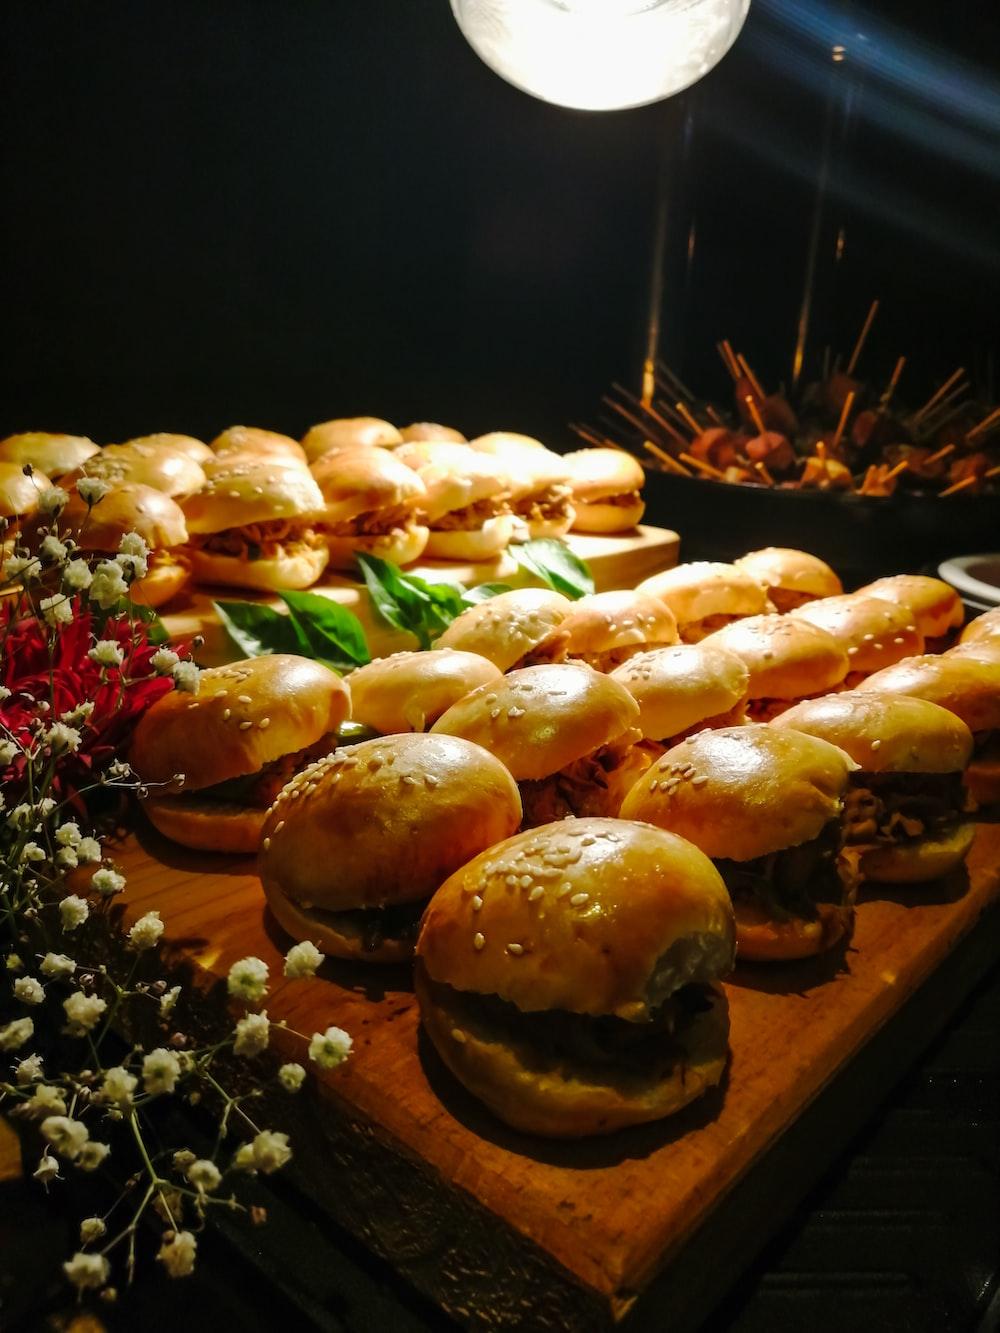 tasty burgers on table